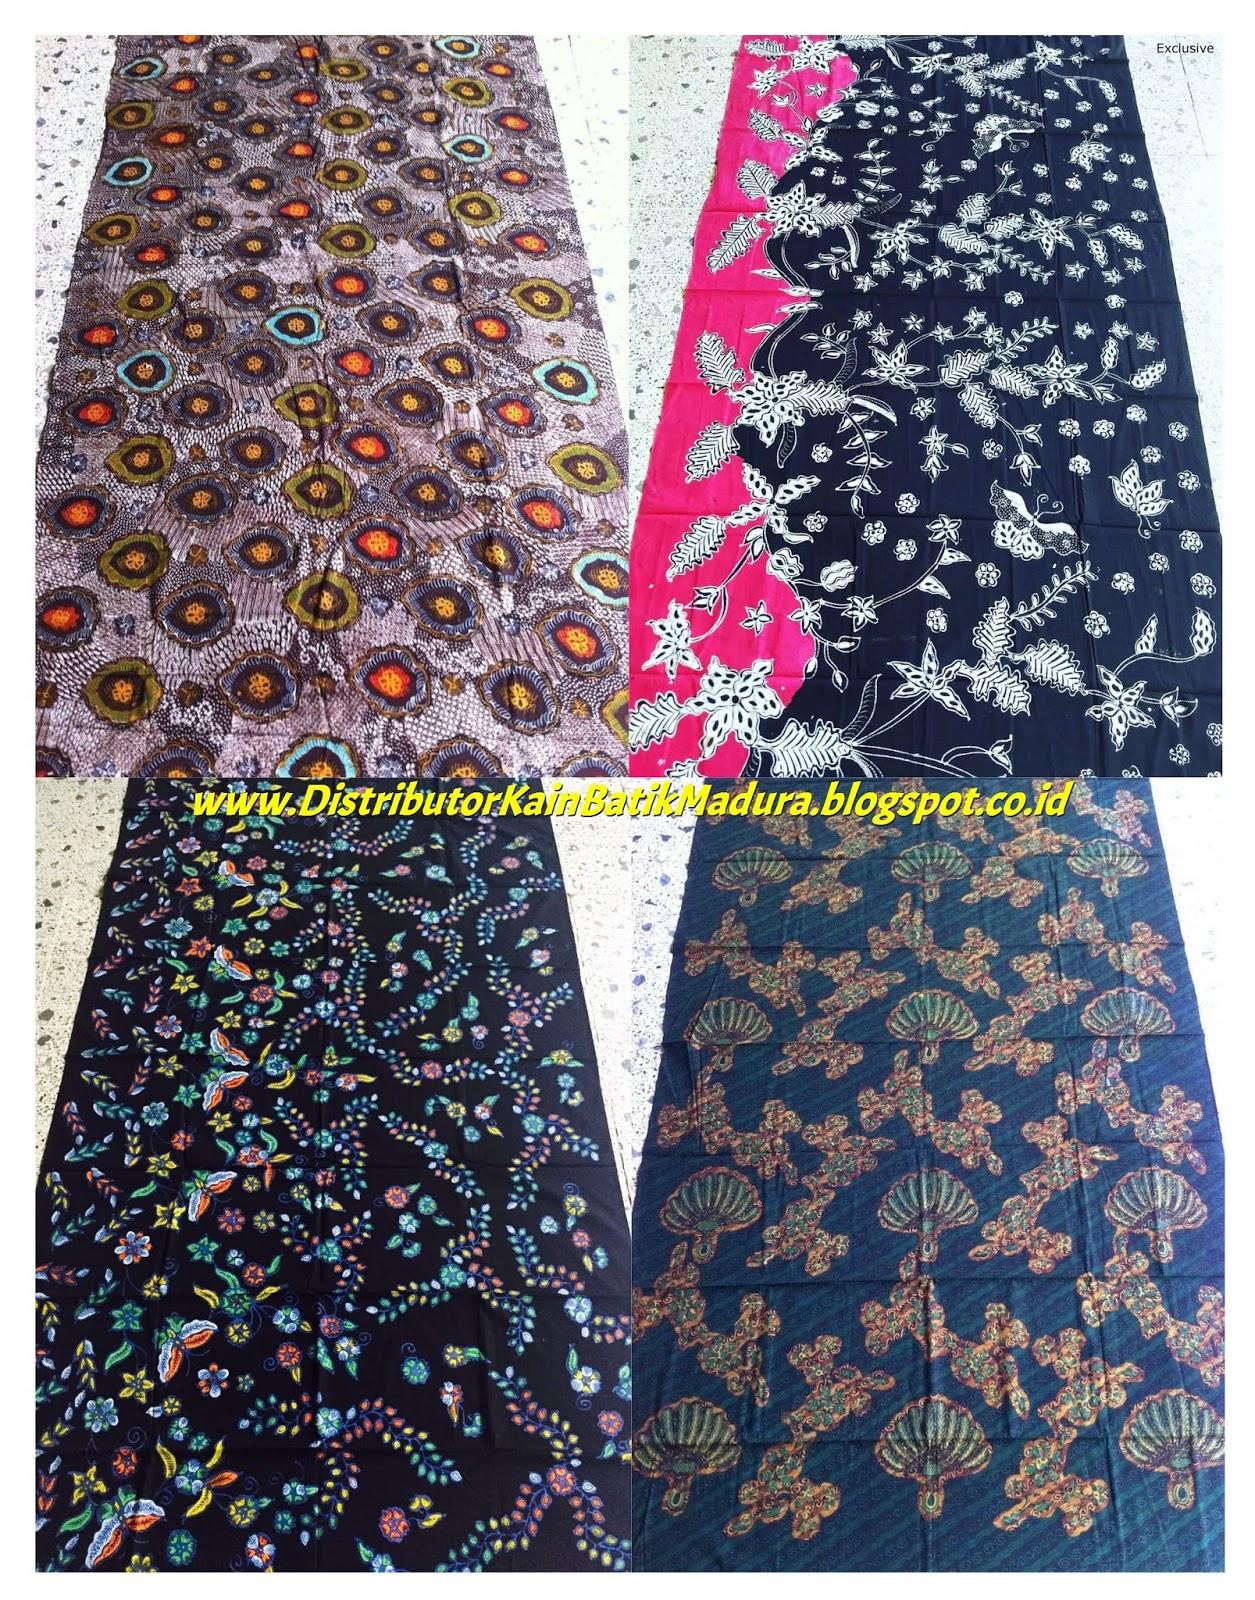 ... Distributor Kain Batik Siap Kirim Ke Bandung 96b8ad3564